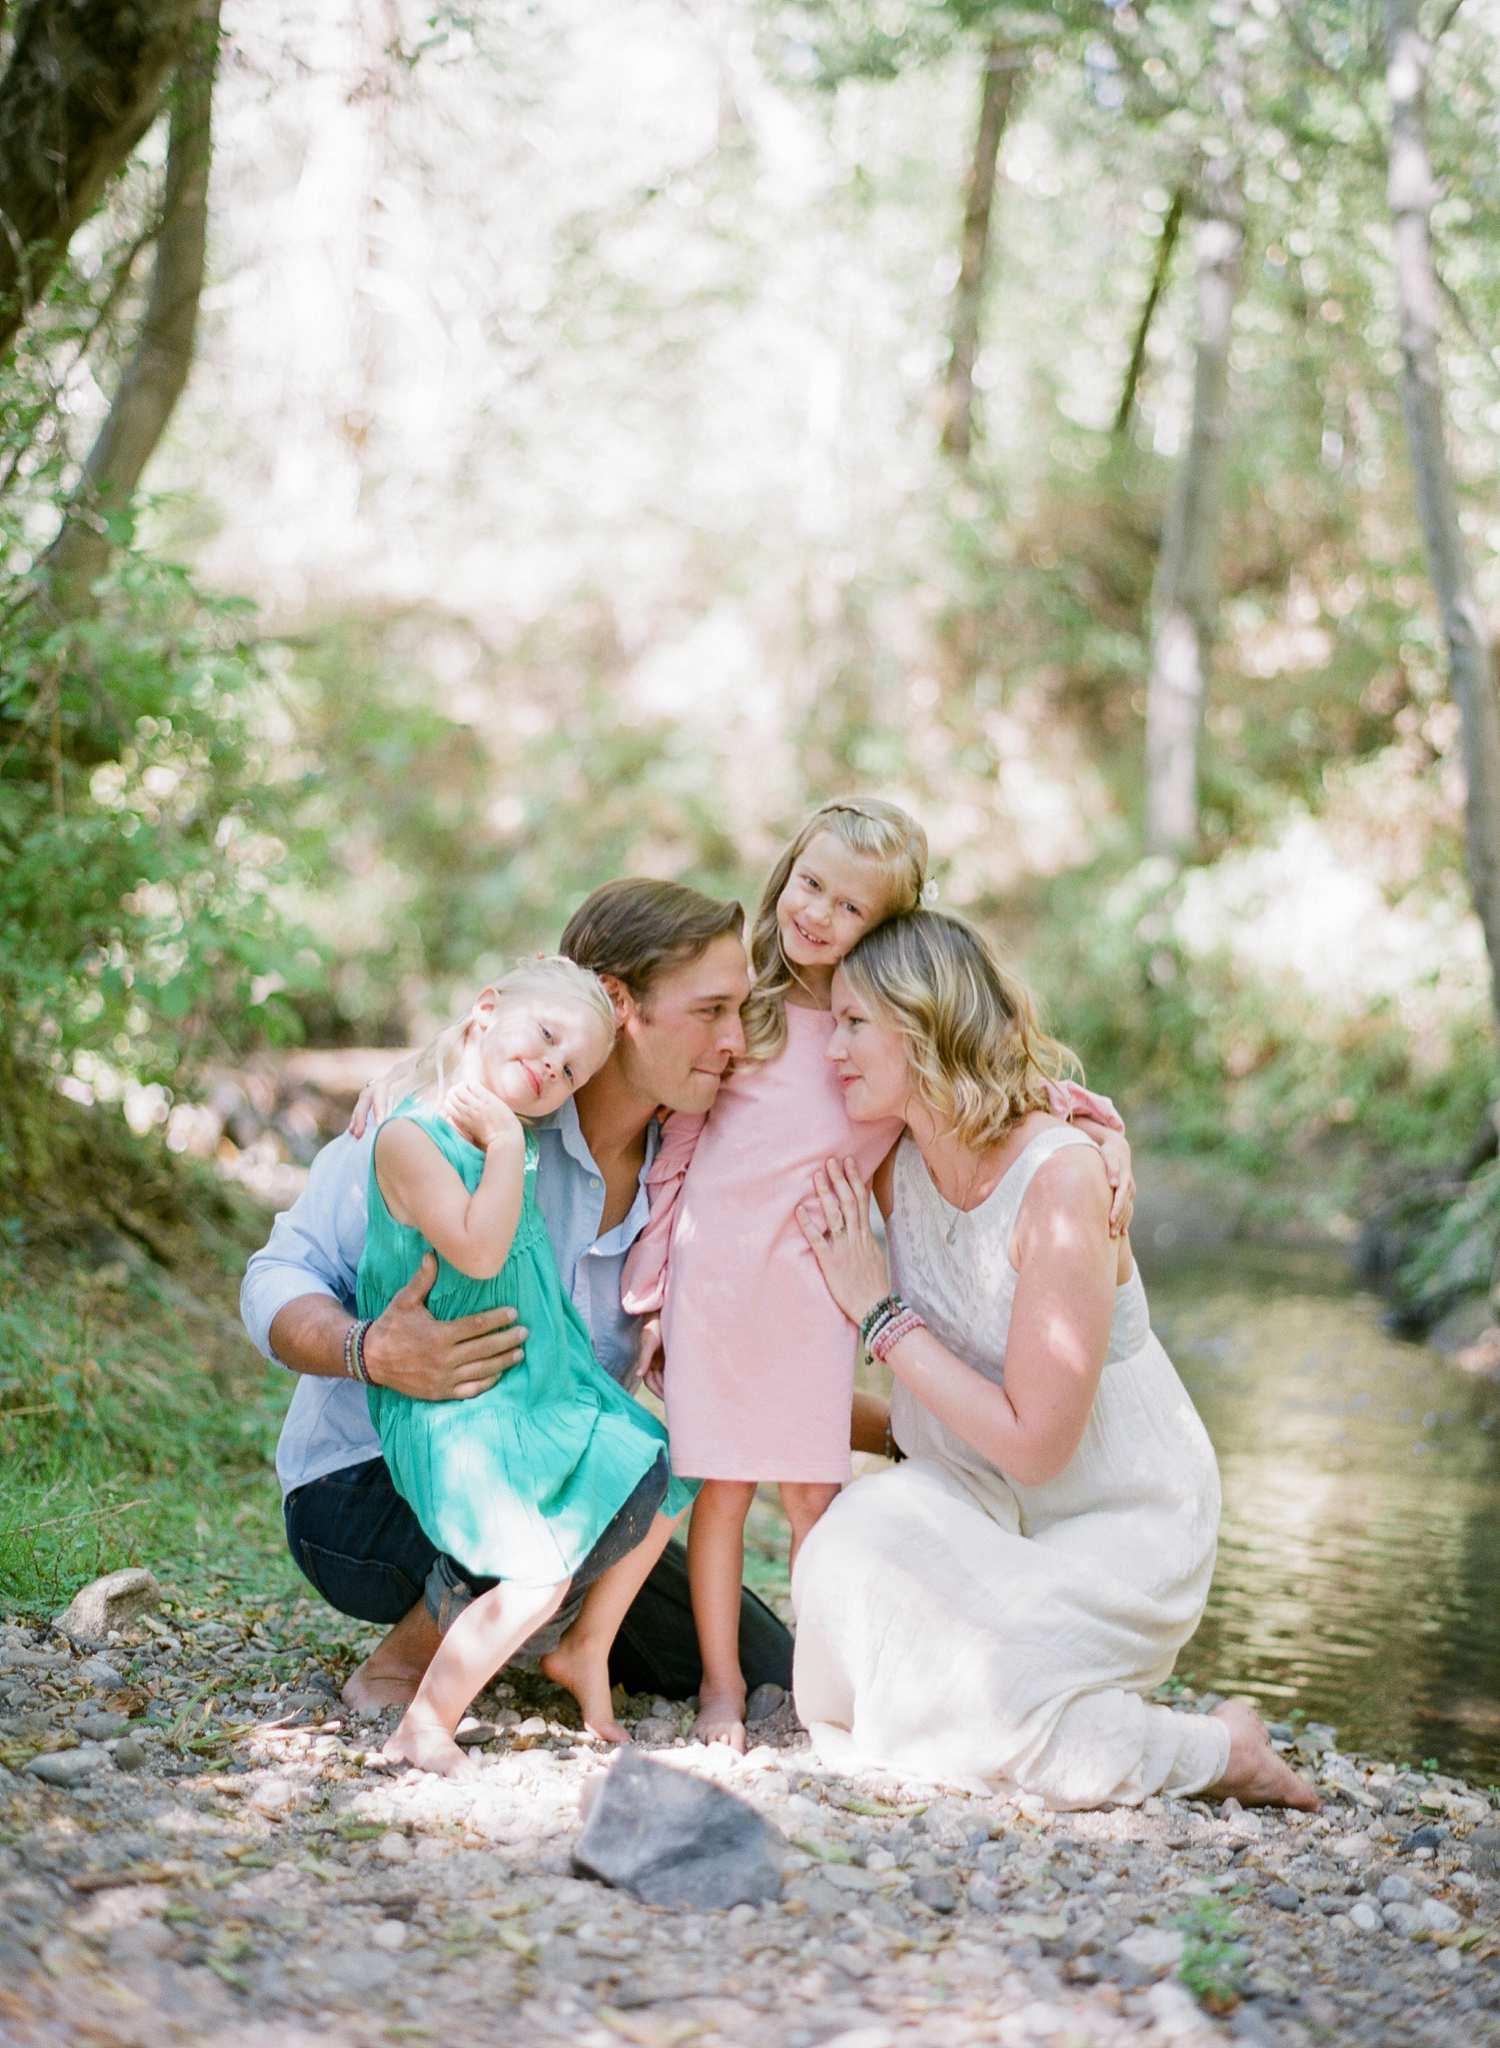 fresno-family-photographers_0006.jpg